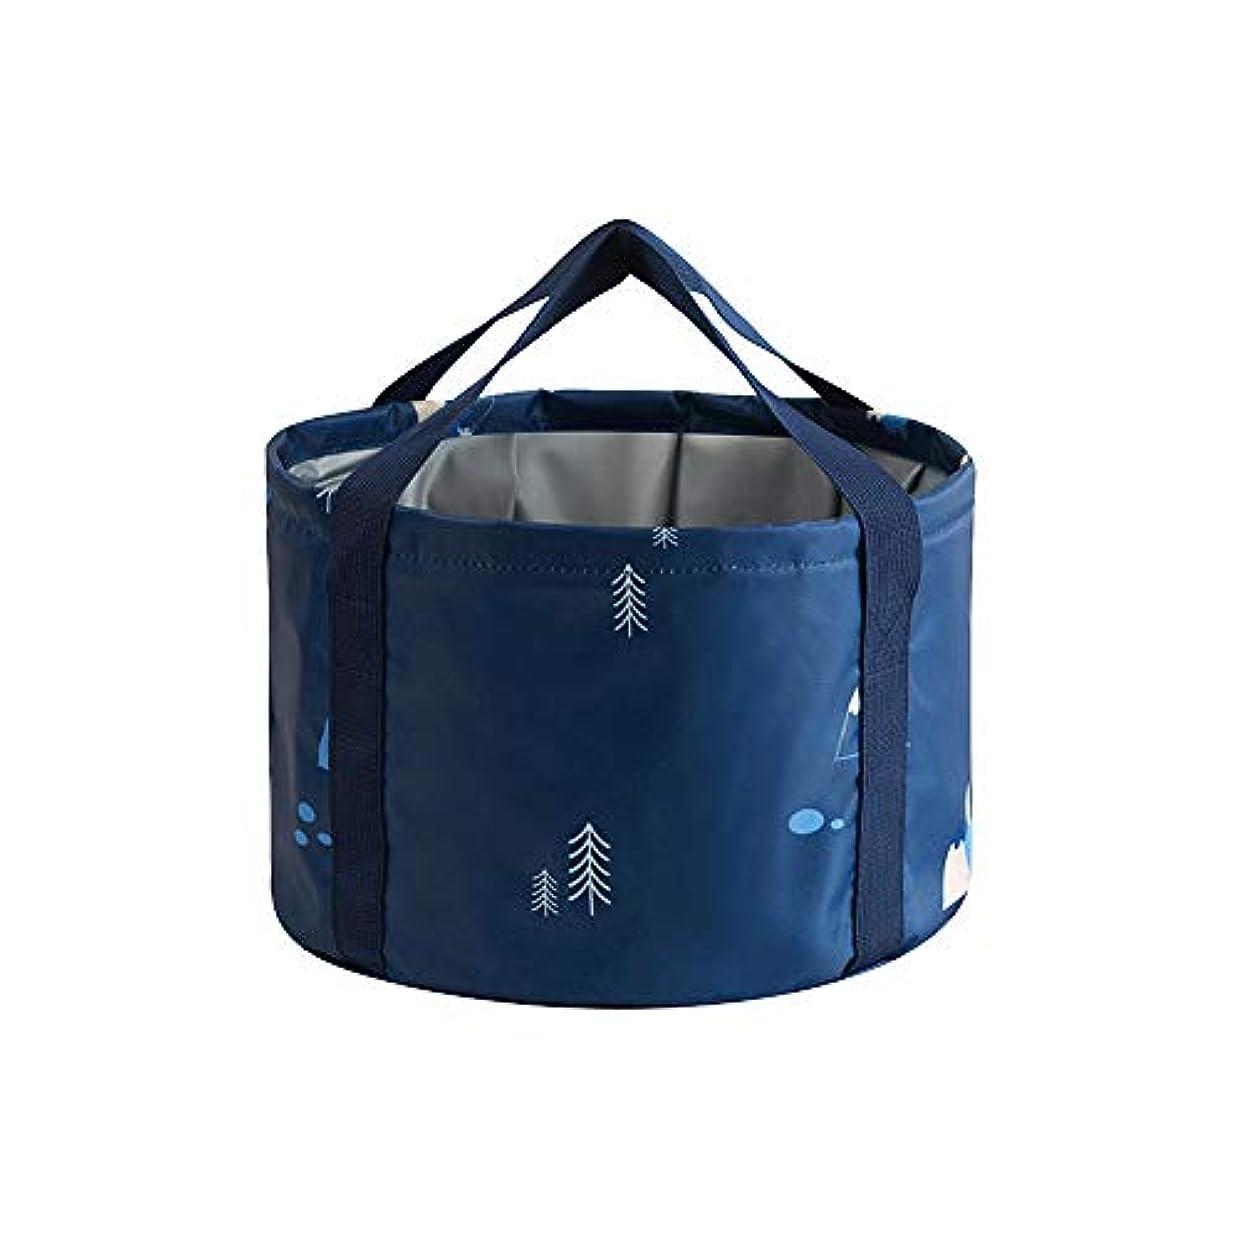 切断するターゲット気候の山Xueliee 旅行用フットバッグ、フットウォッシュバケツ、折りたたみ式、洗濯槽、屋外用ウォーターバッグ、水貯蔵、収納バッグ、洗面台、ポータブル、大 (35 x 26cm,5色)